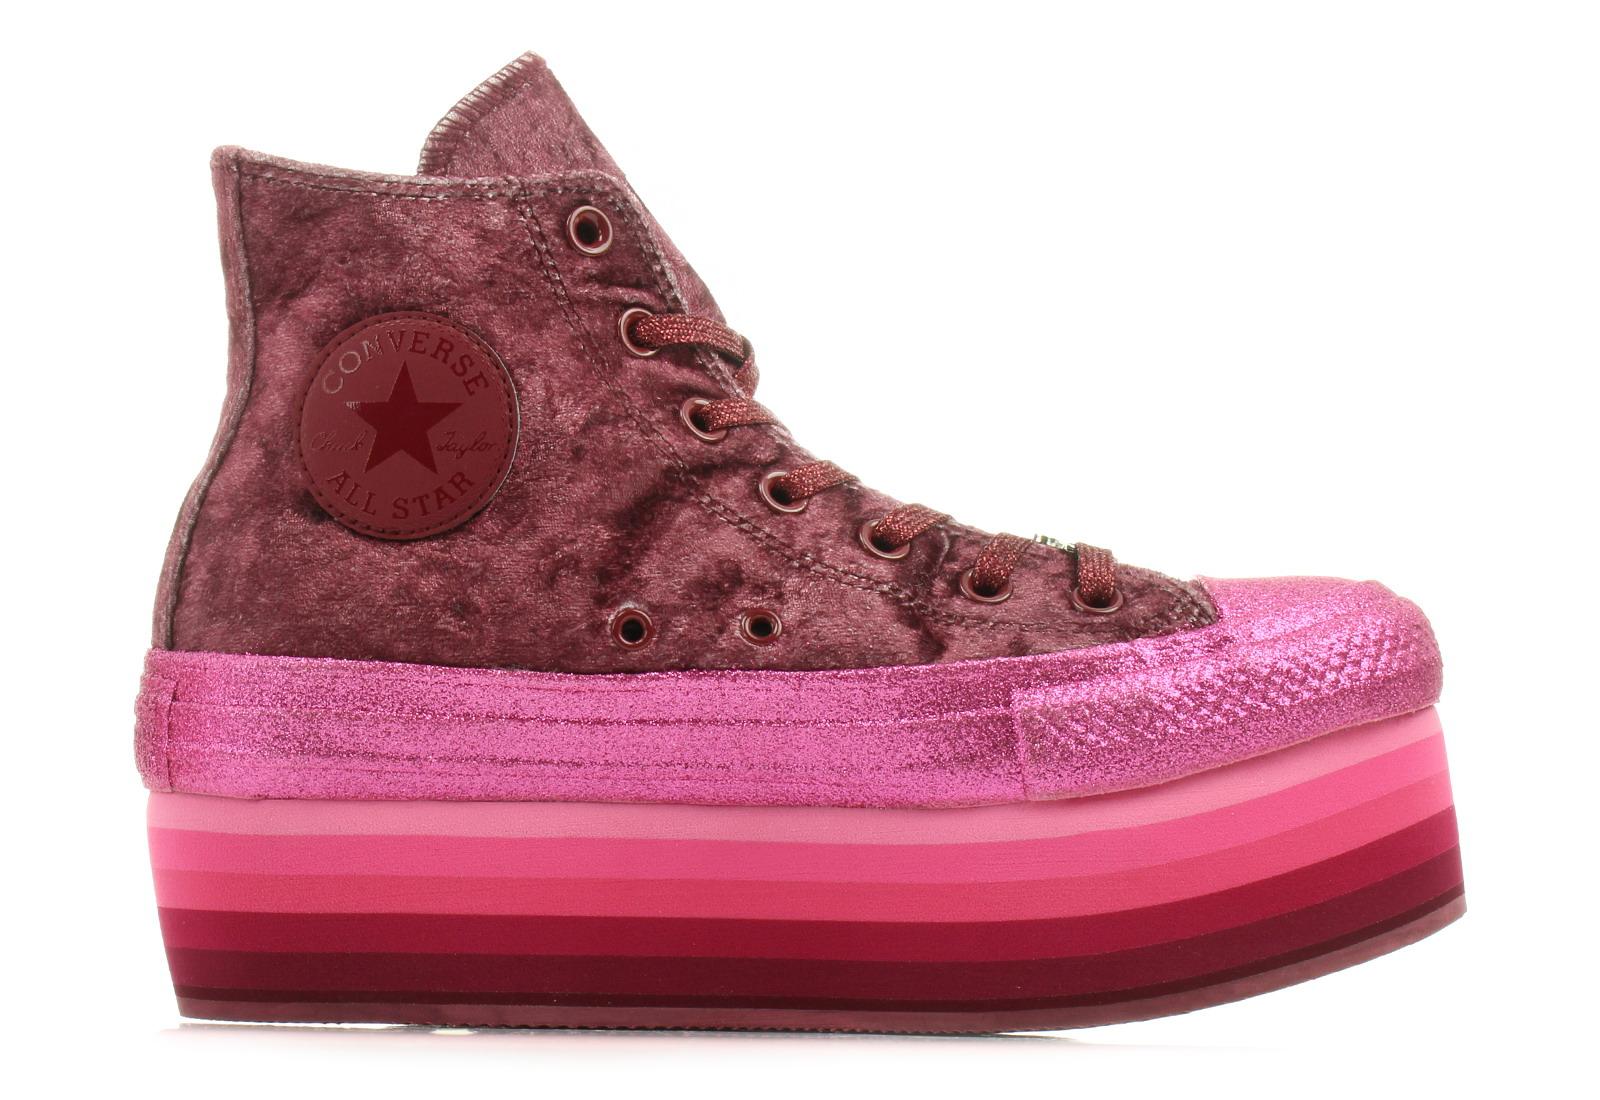 Converse Nízké Boty - Chuck Taylor All Star Miley Cyrus Platform ... 8af1e0f0315